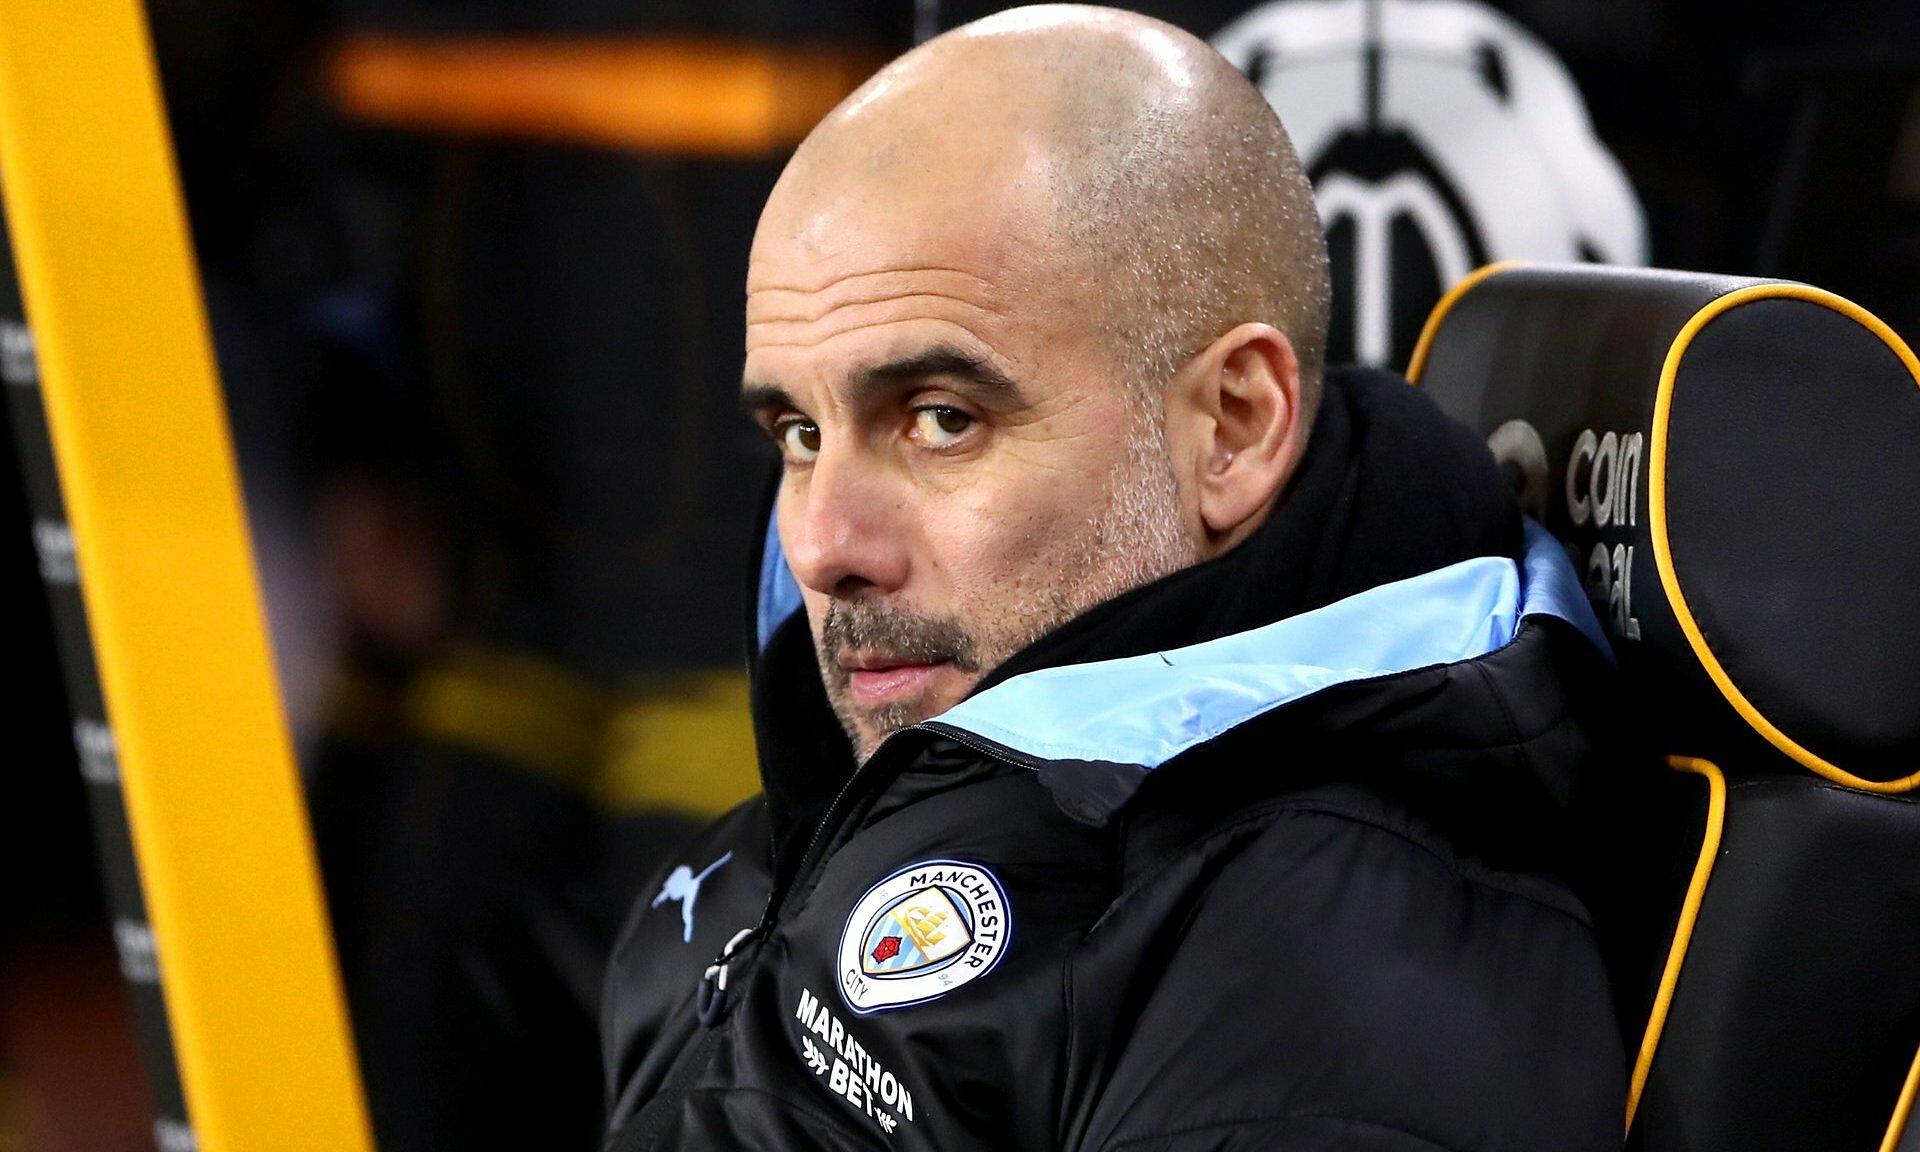 Guardiola không muốn các học trò bay bổng với kỷ lục 21 chiến thắngl liên tiếp mà xao nhãng khi đấu Man Utd cuối tuần này. Ảnh: MCFC